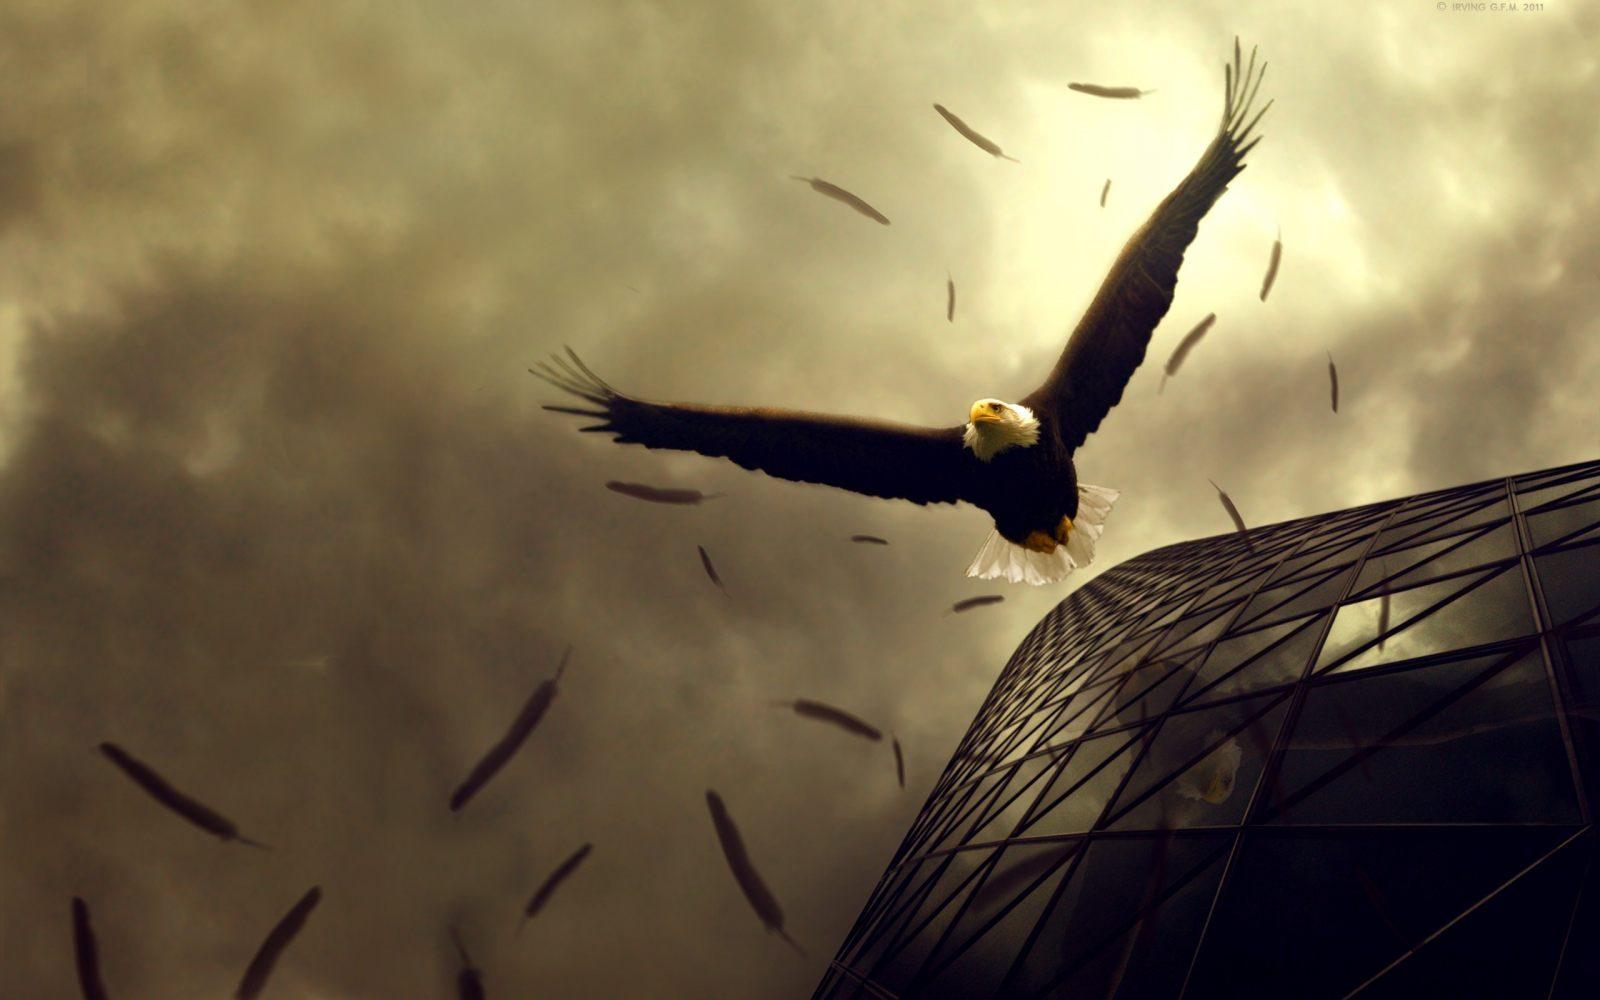 Hd Wallpapers That Will Take You To World Of Fantasy: Dibujo De Un águila :: Imágenes Y Fotos